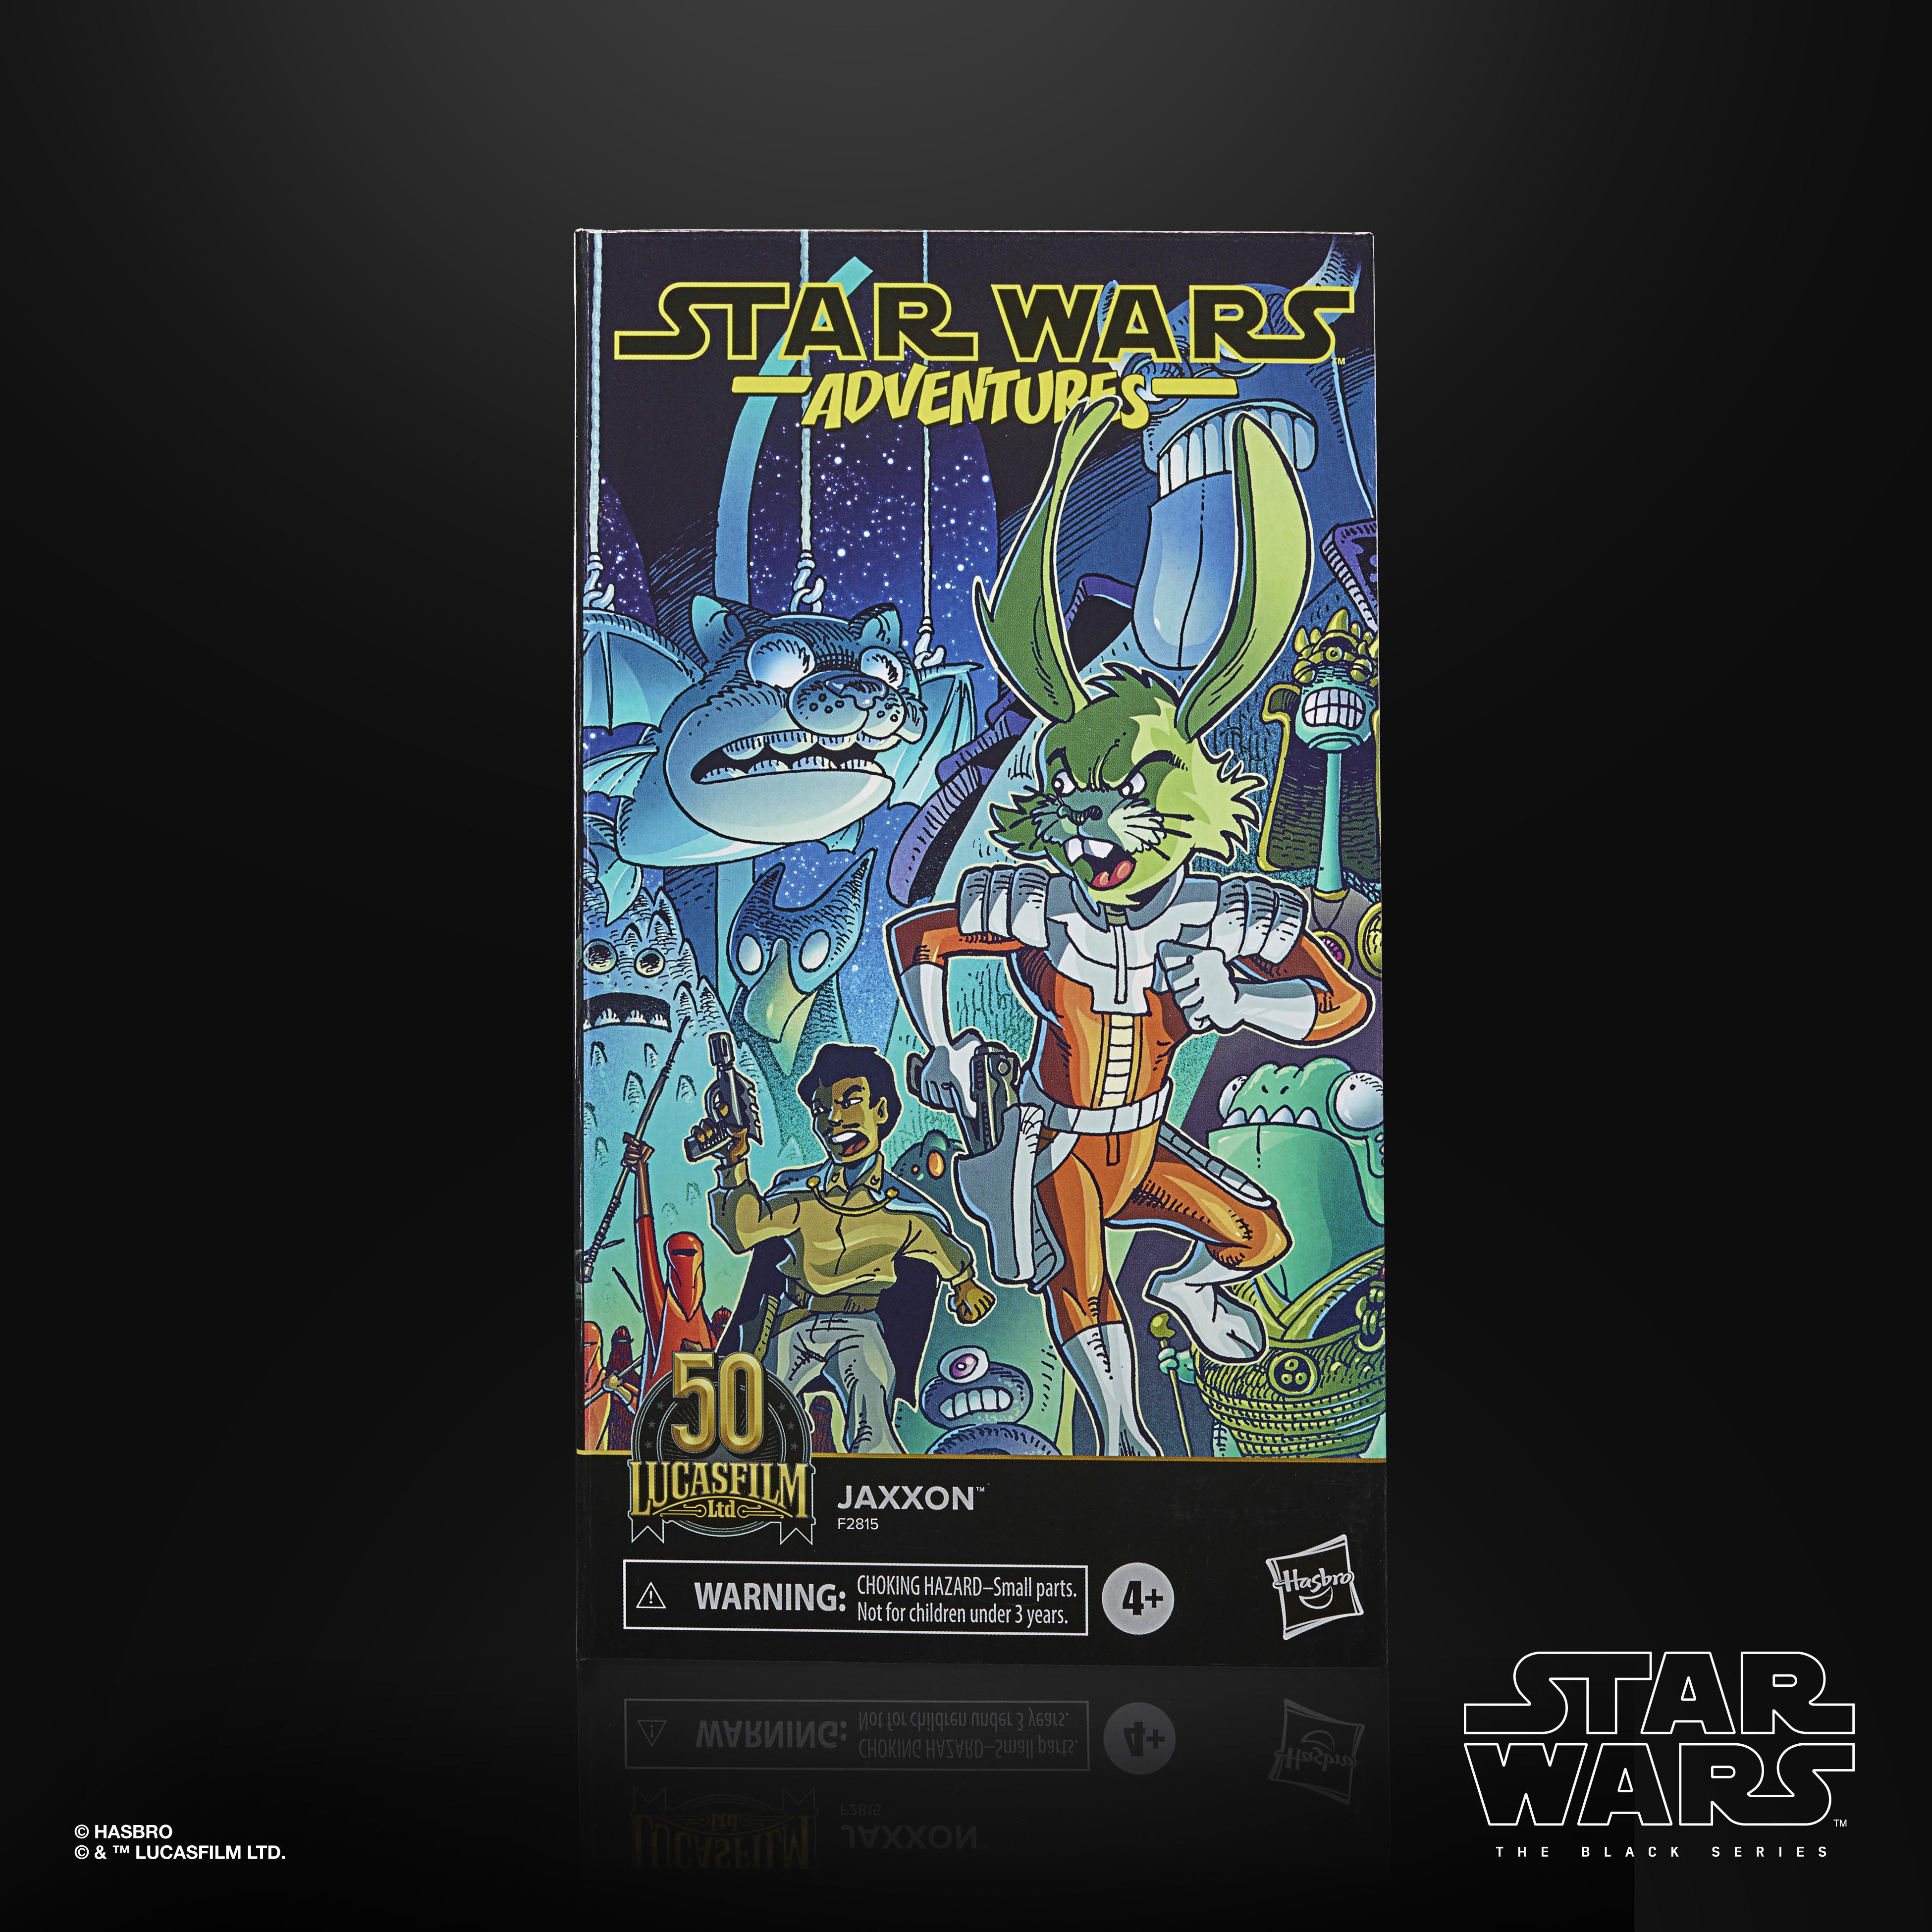 Star Wars The Black Series Jaxxon LUCASFILM 50TH ANNIVERSARY FIGURE F28155L0